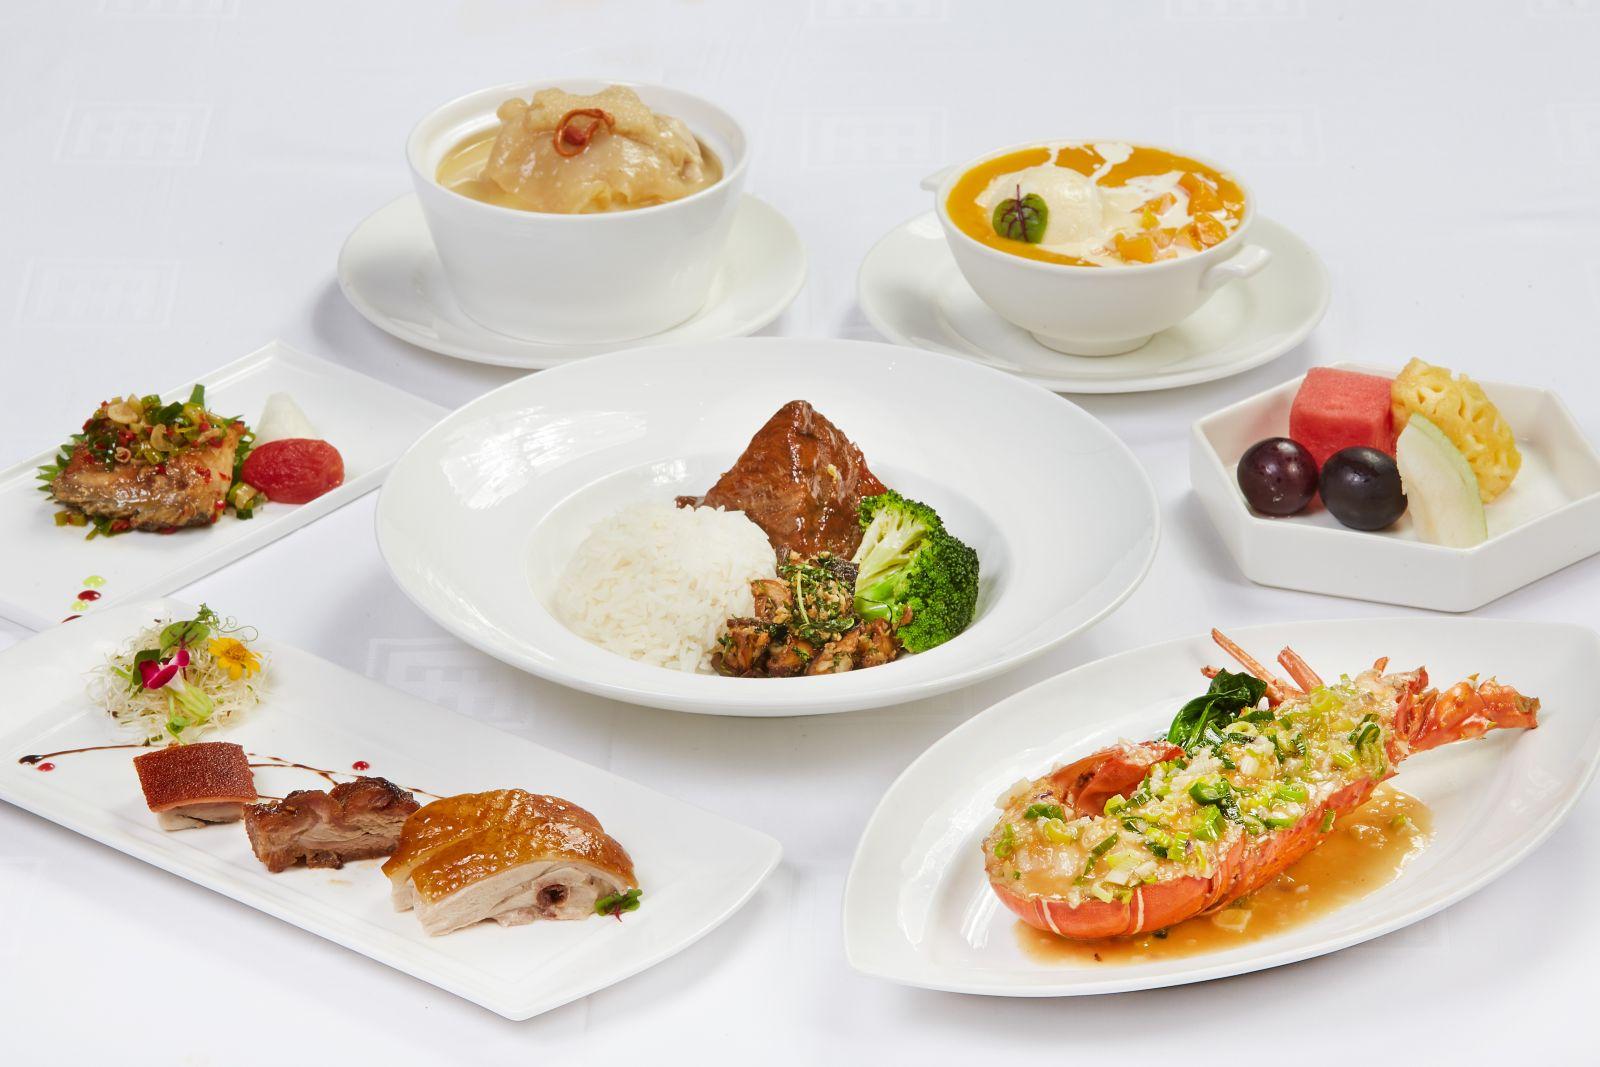 【海底總動員】國賓川粵「雙天王」推出1,200元個人獨享龍蝦套餐